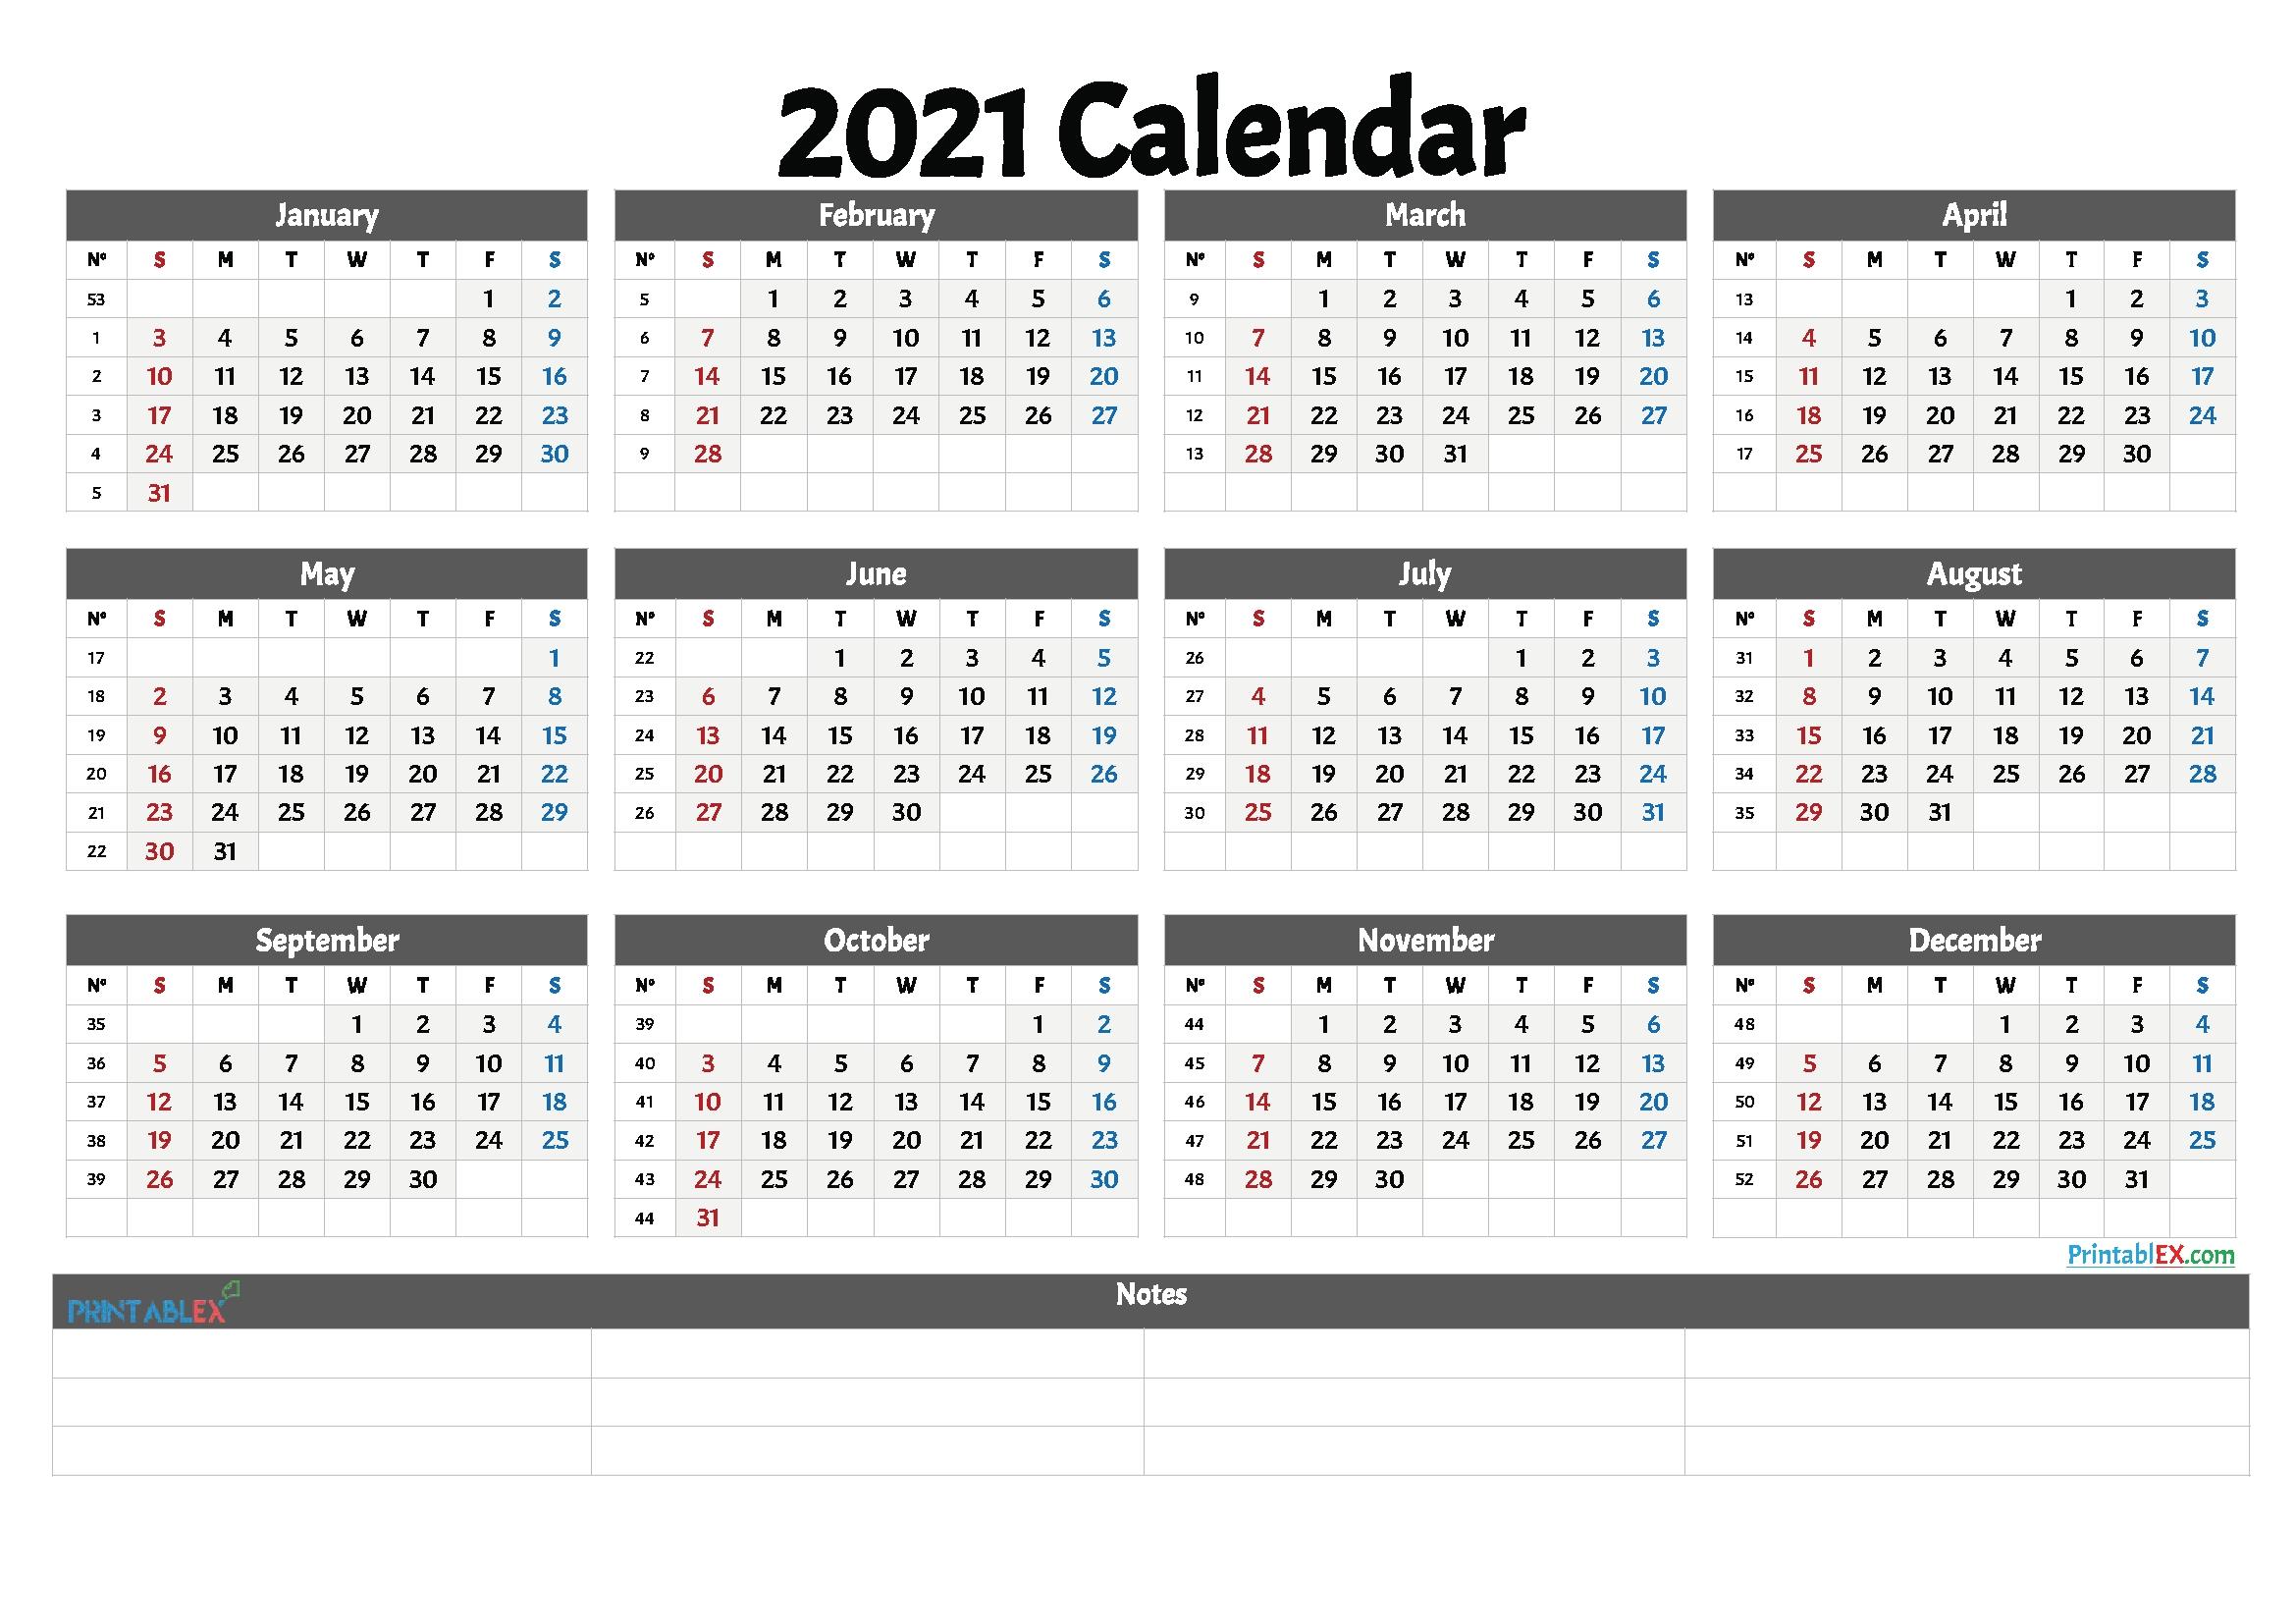 2021 printable calendar with week numbers | free printable